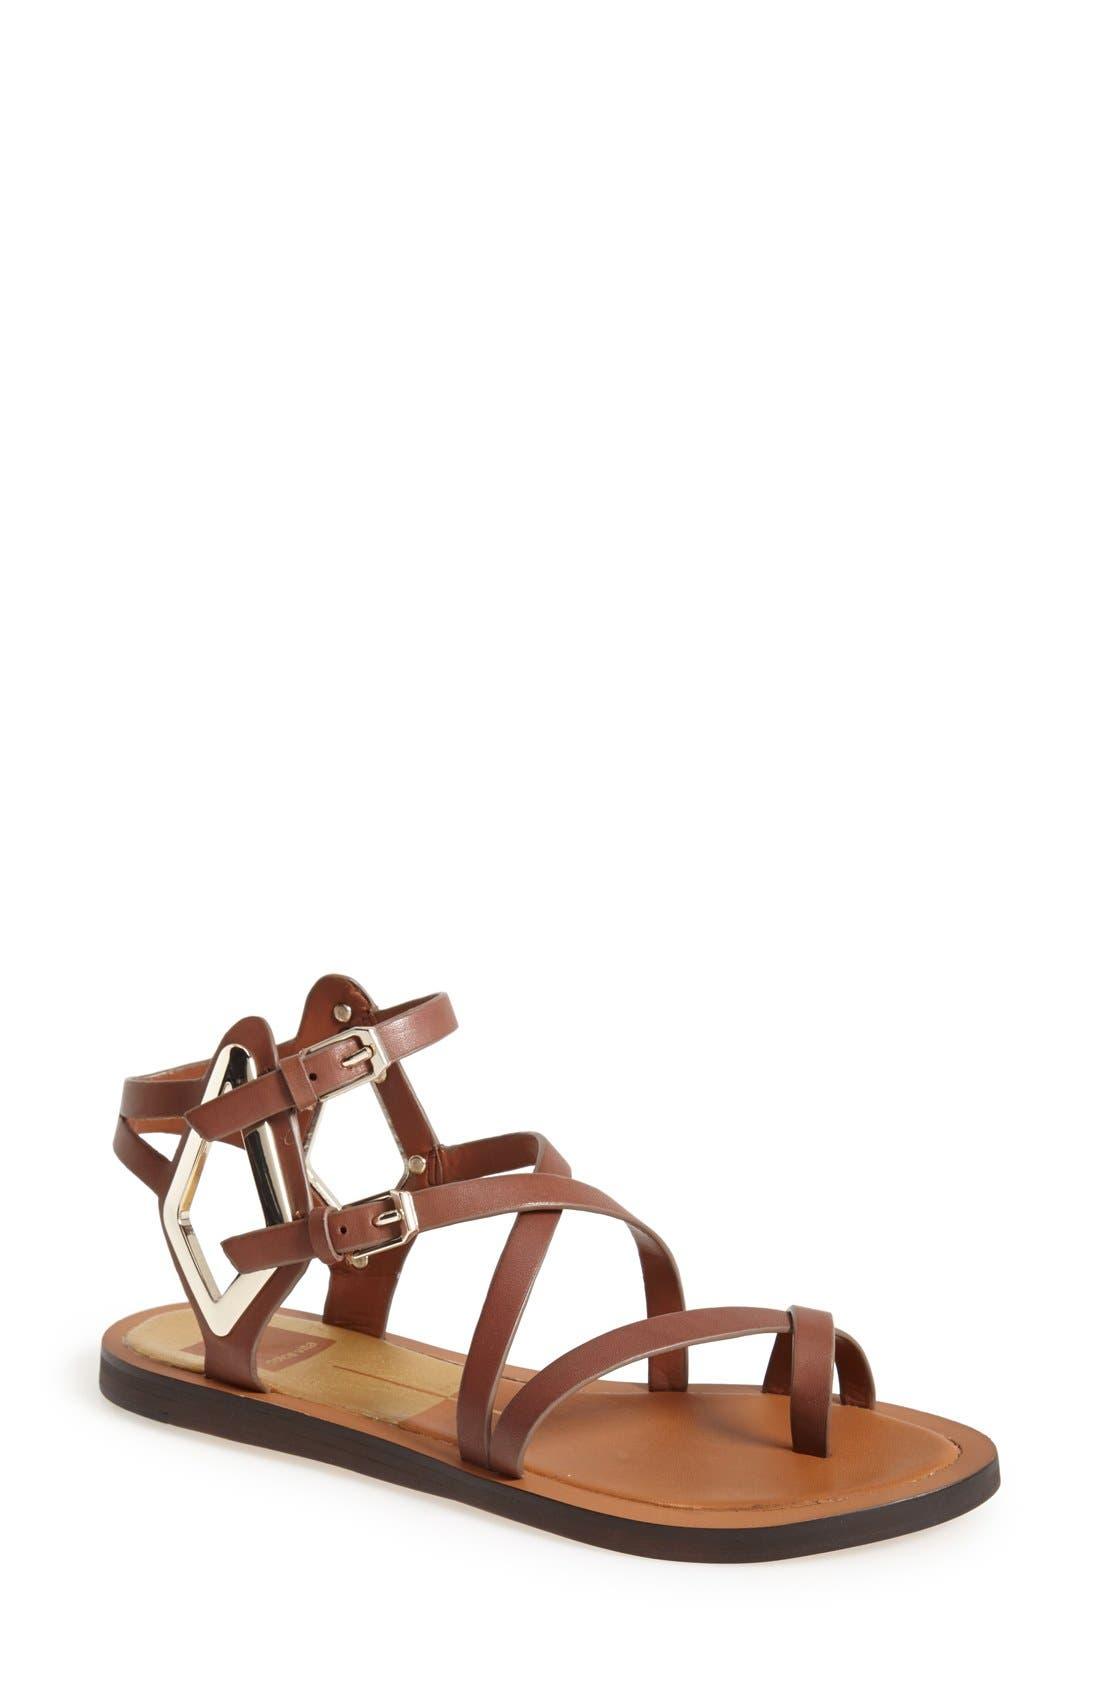 Alternate Image 1 Selected - Dolce Vita 'Ferrah' Flat Leather Sandal (Women)